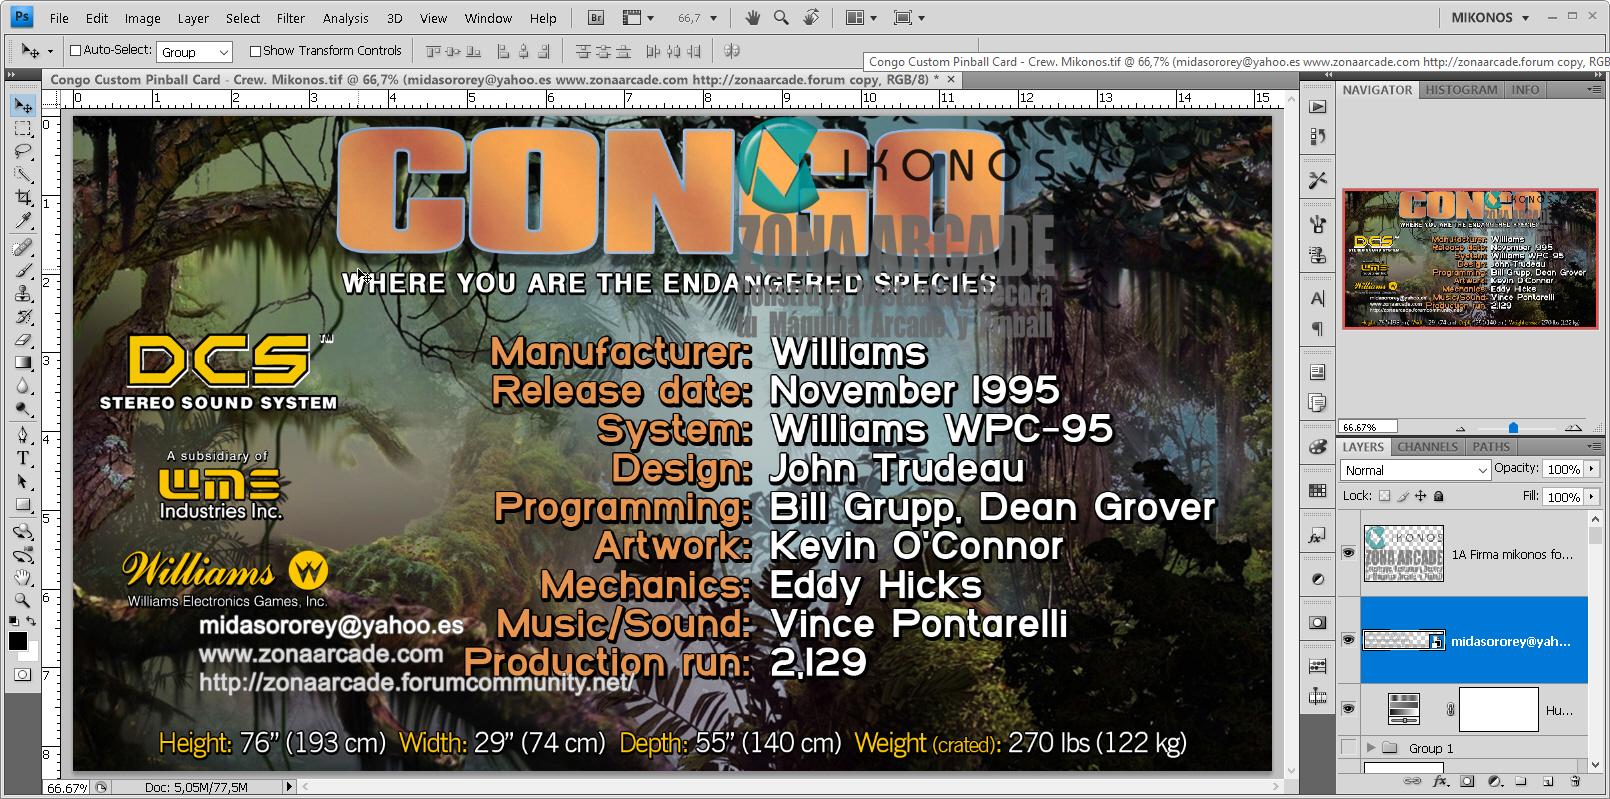 Congo%20Custom%20Pinball%20Card%20-%20Crew.%20Mikonos1.jpg